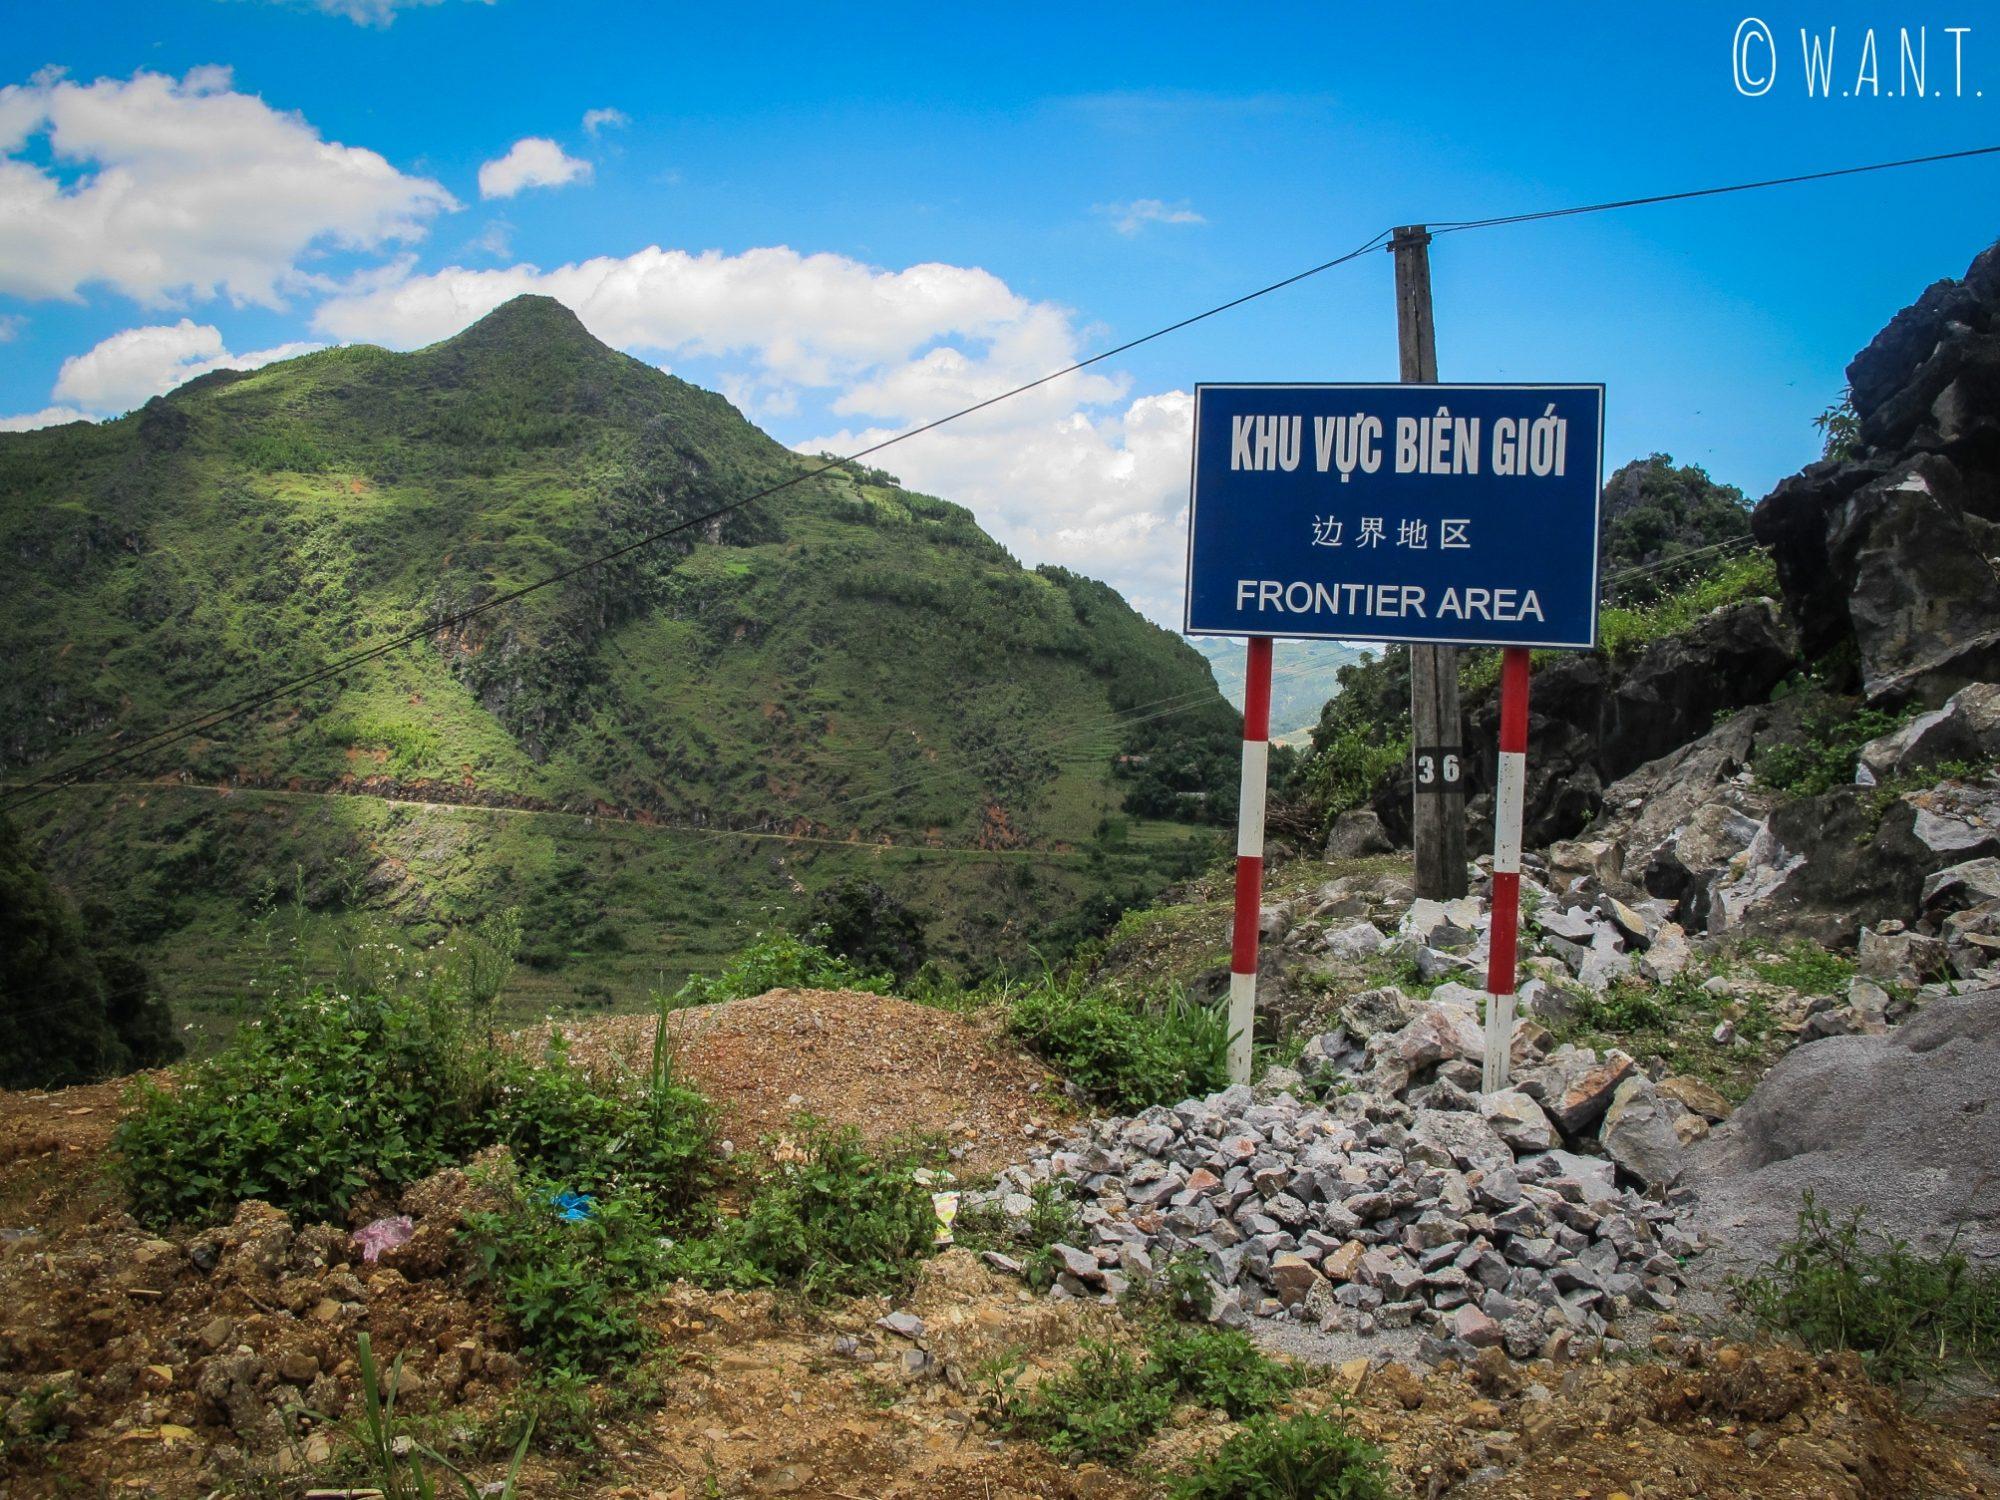 En route vers la frontière chinoise près de Lung Cu